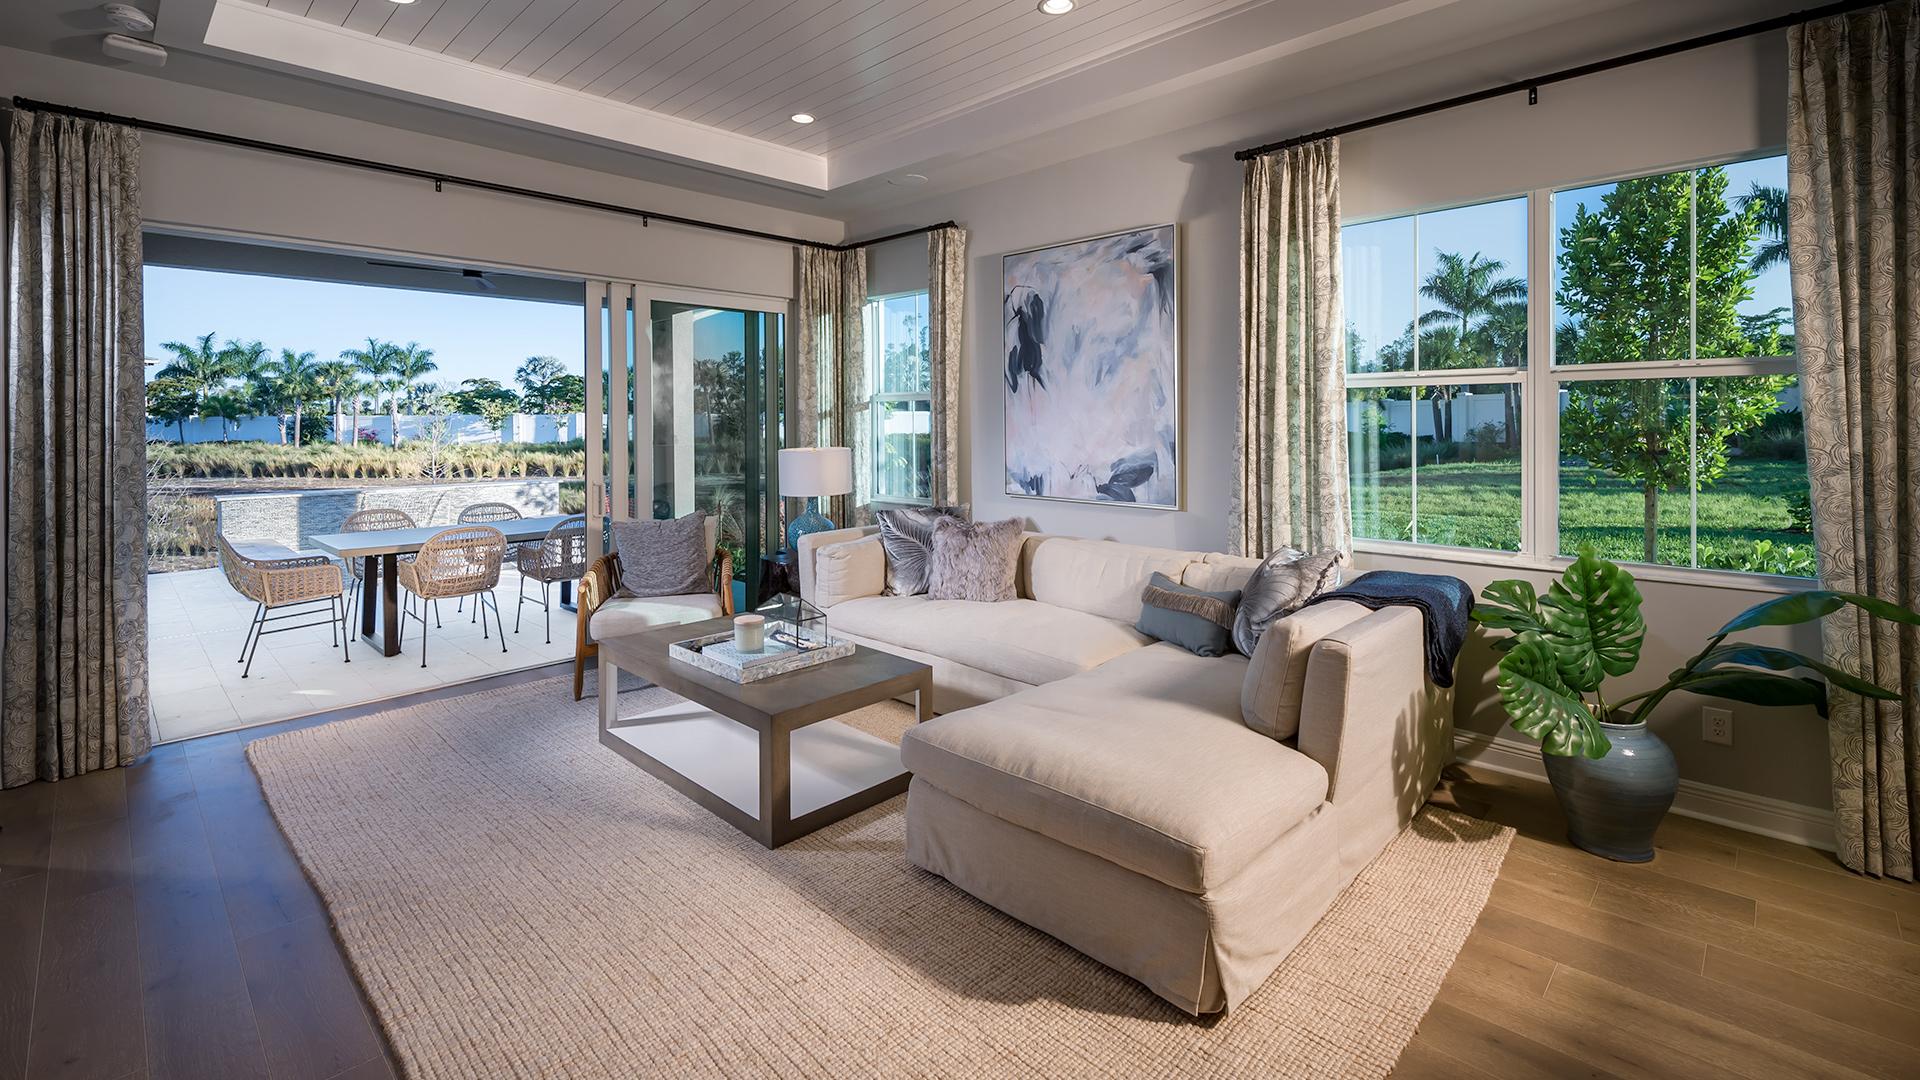 Indoor and outdoor living